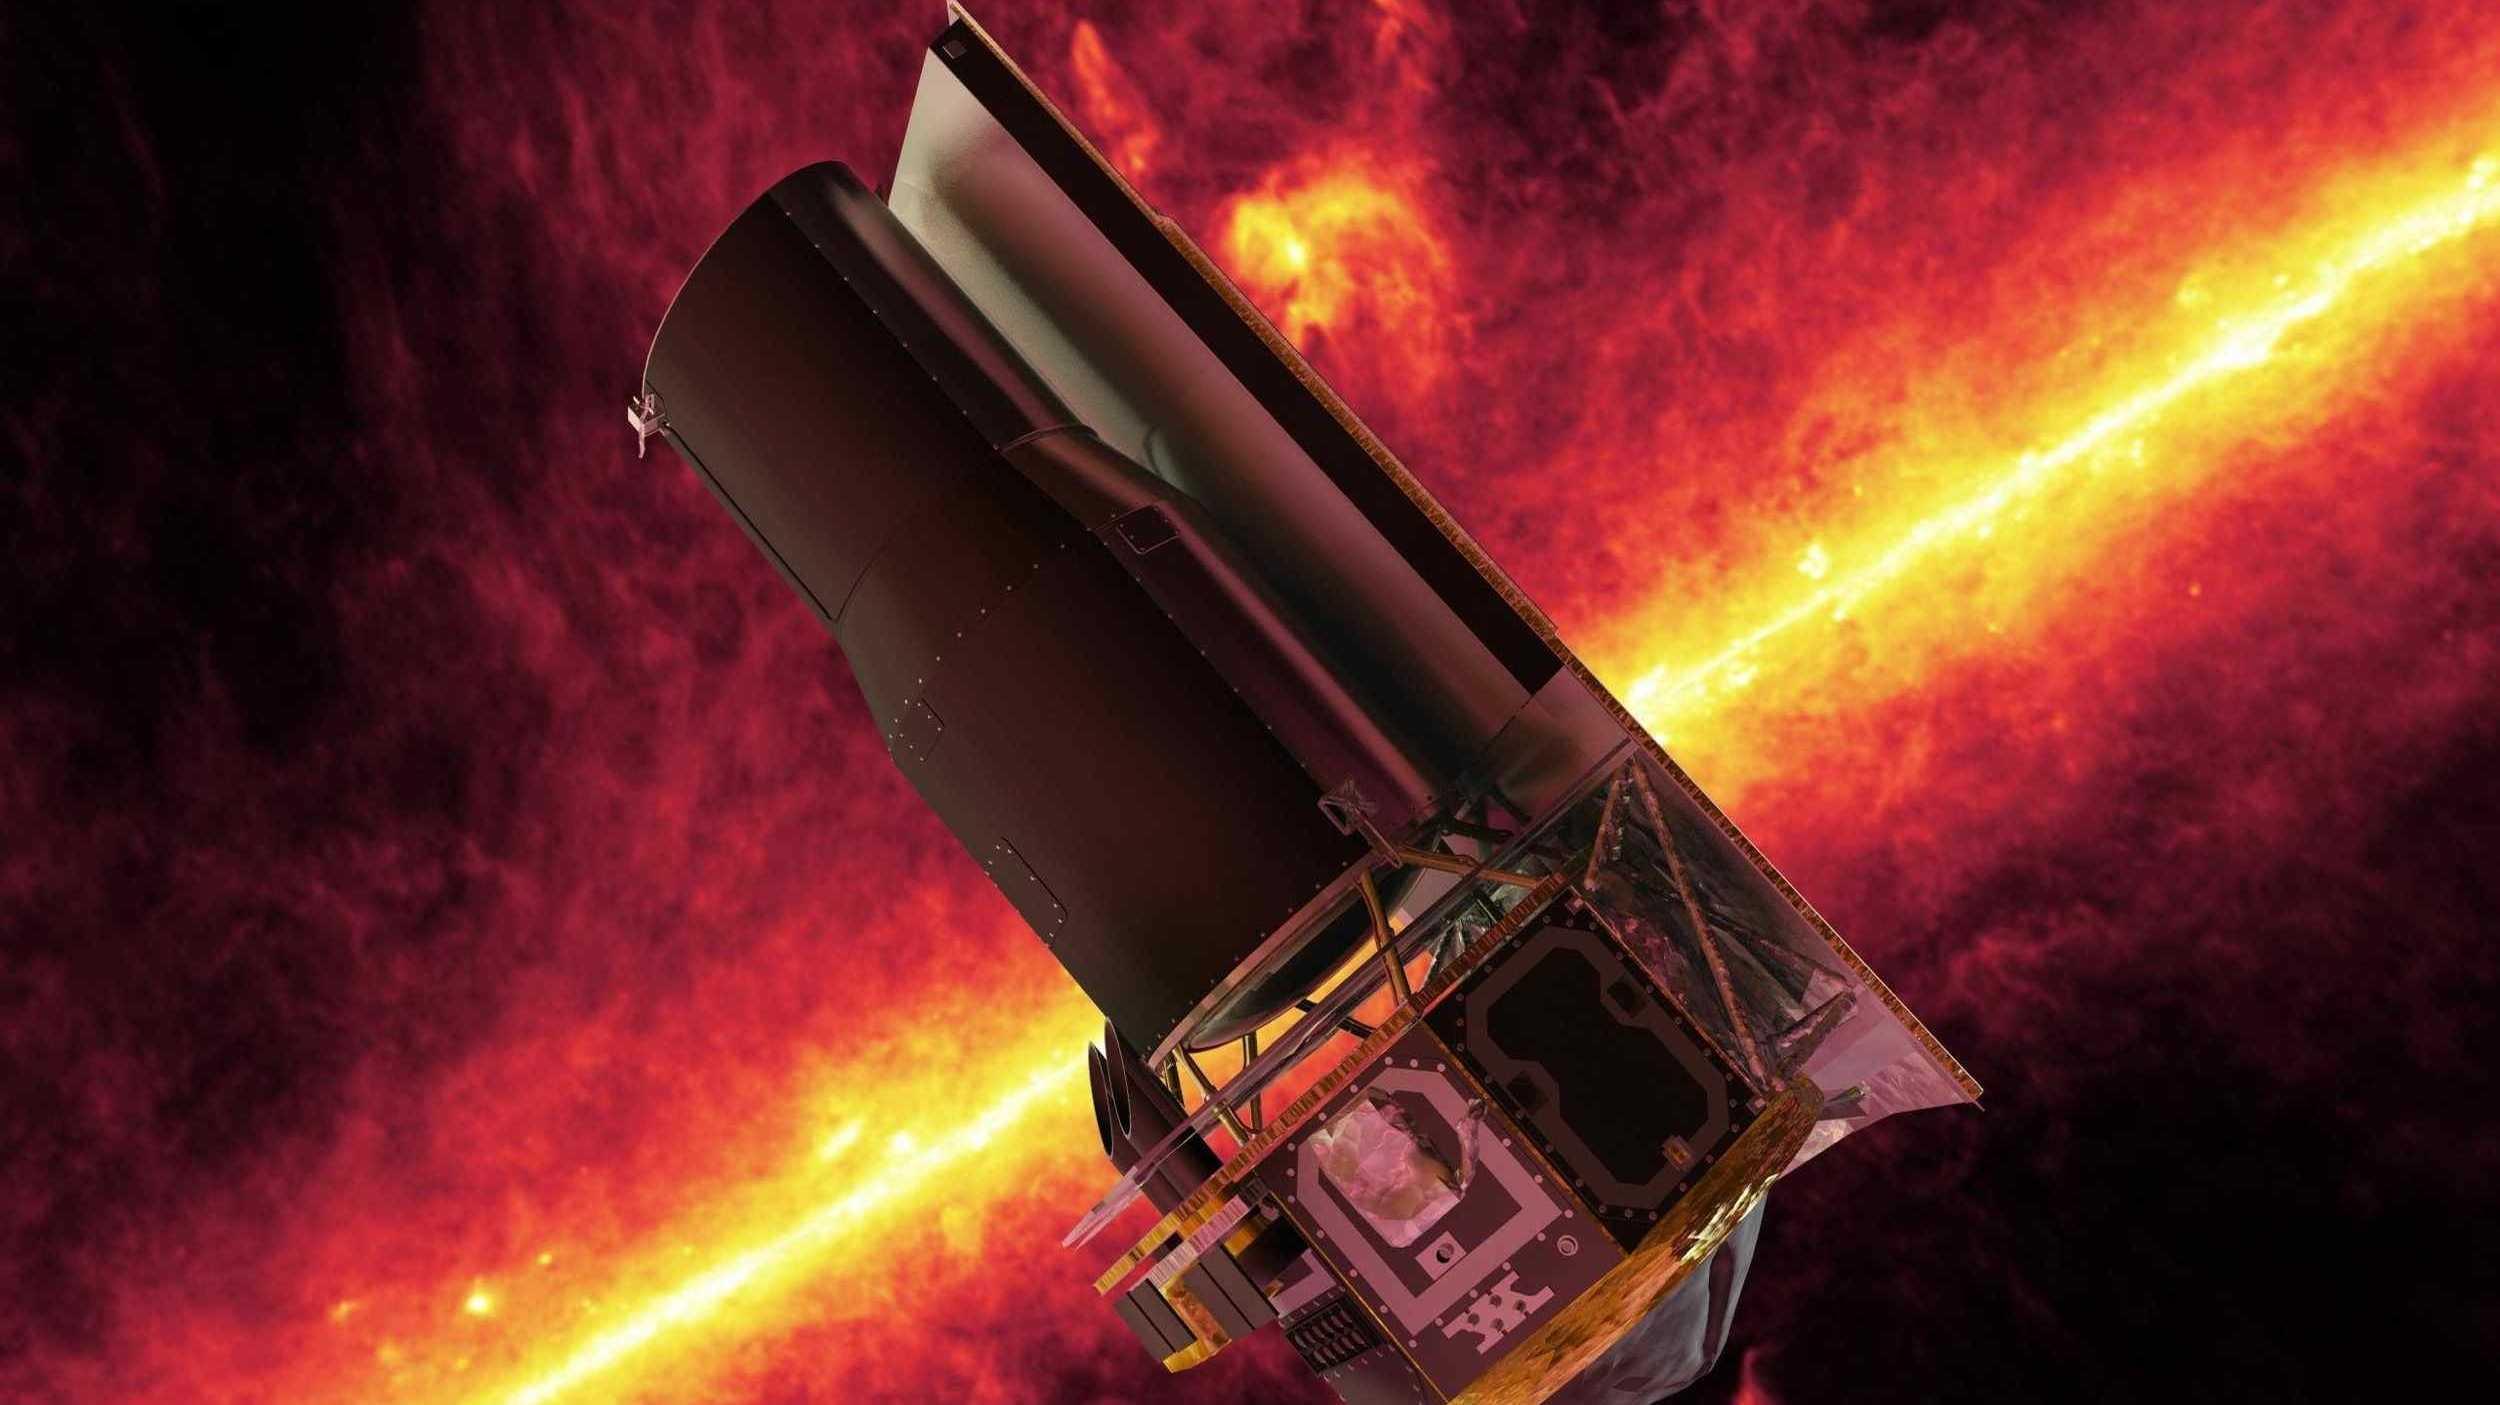 """Weltraumteleskop """"Spitzer"""" der Nasa feiert 15 Jahre im All"""